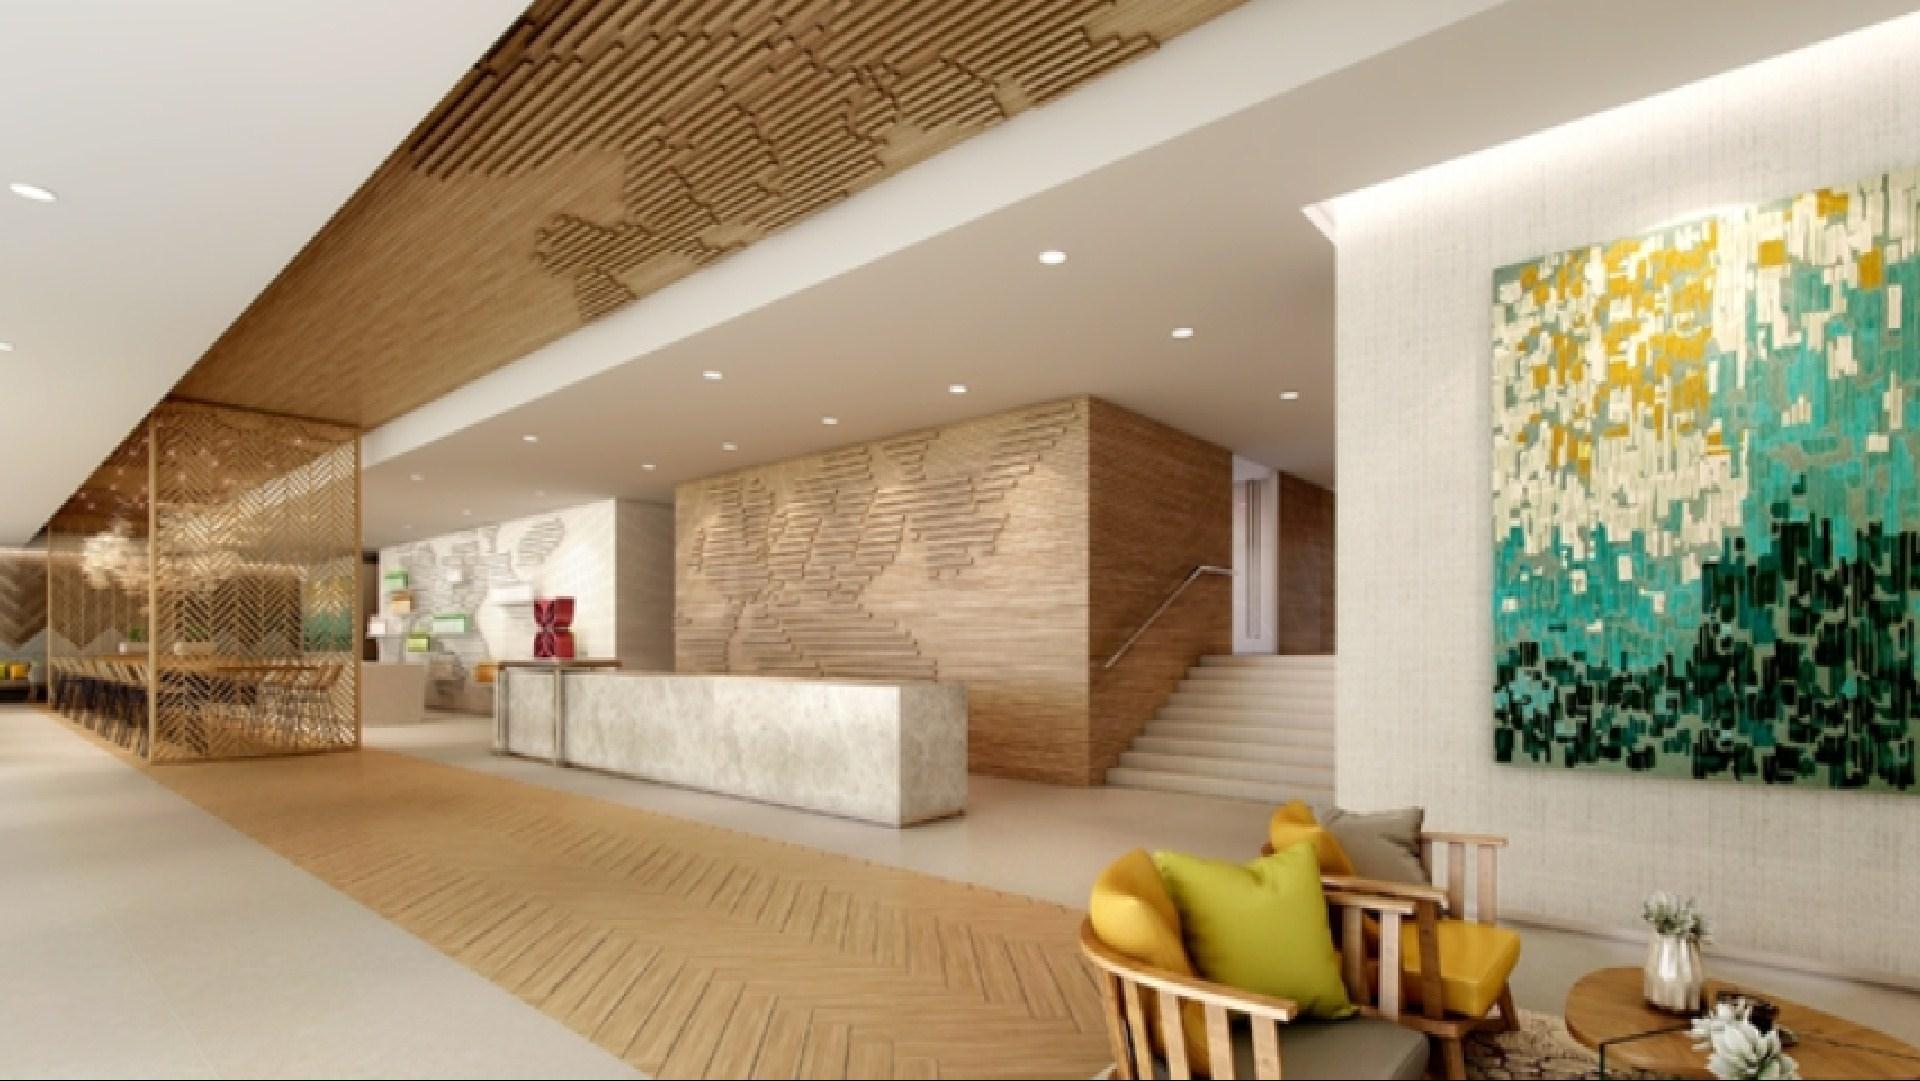 Meetings and Events at Hilton Garden Inn Kuala Lumpur Jalan Tuanku ...